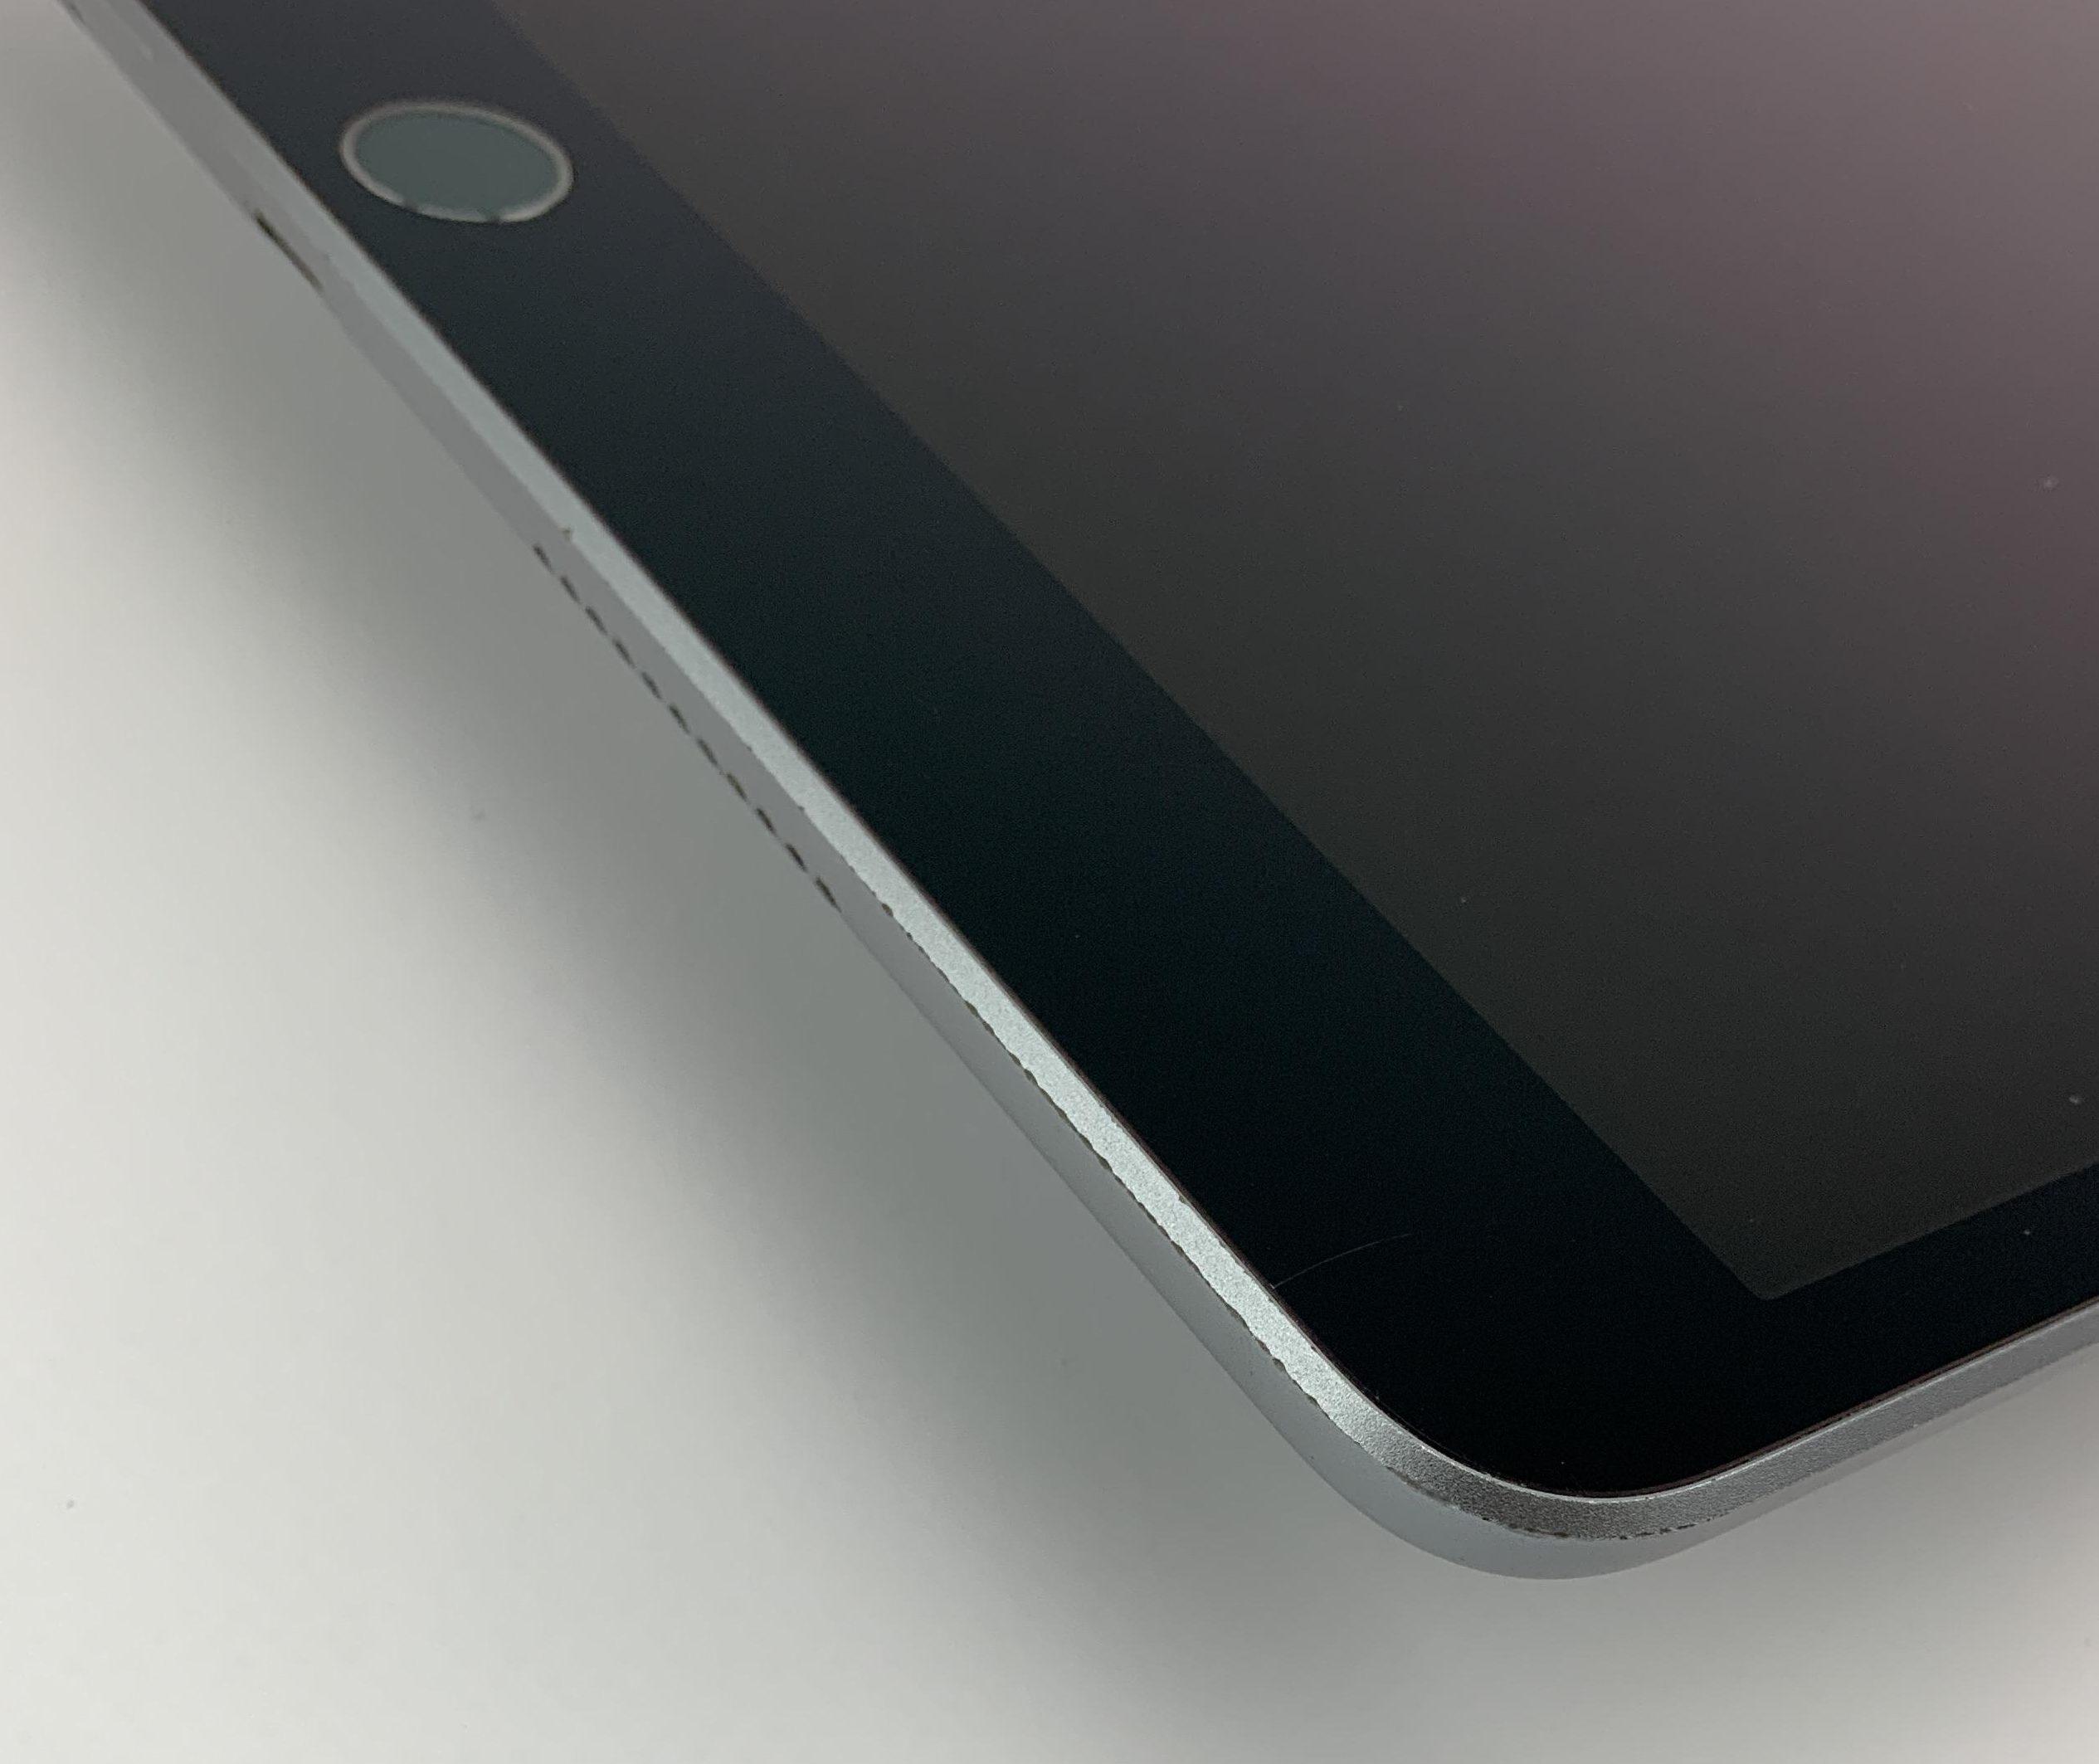 iPad Air 3 Wi-Fi 64GB, 64GB, Space Gray, image 3